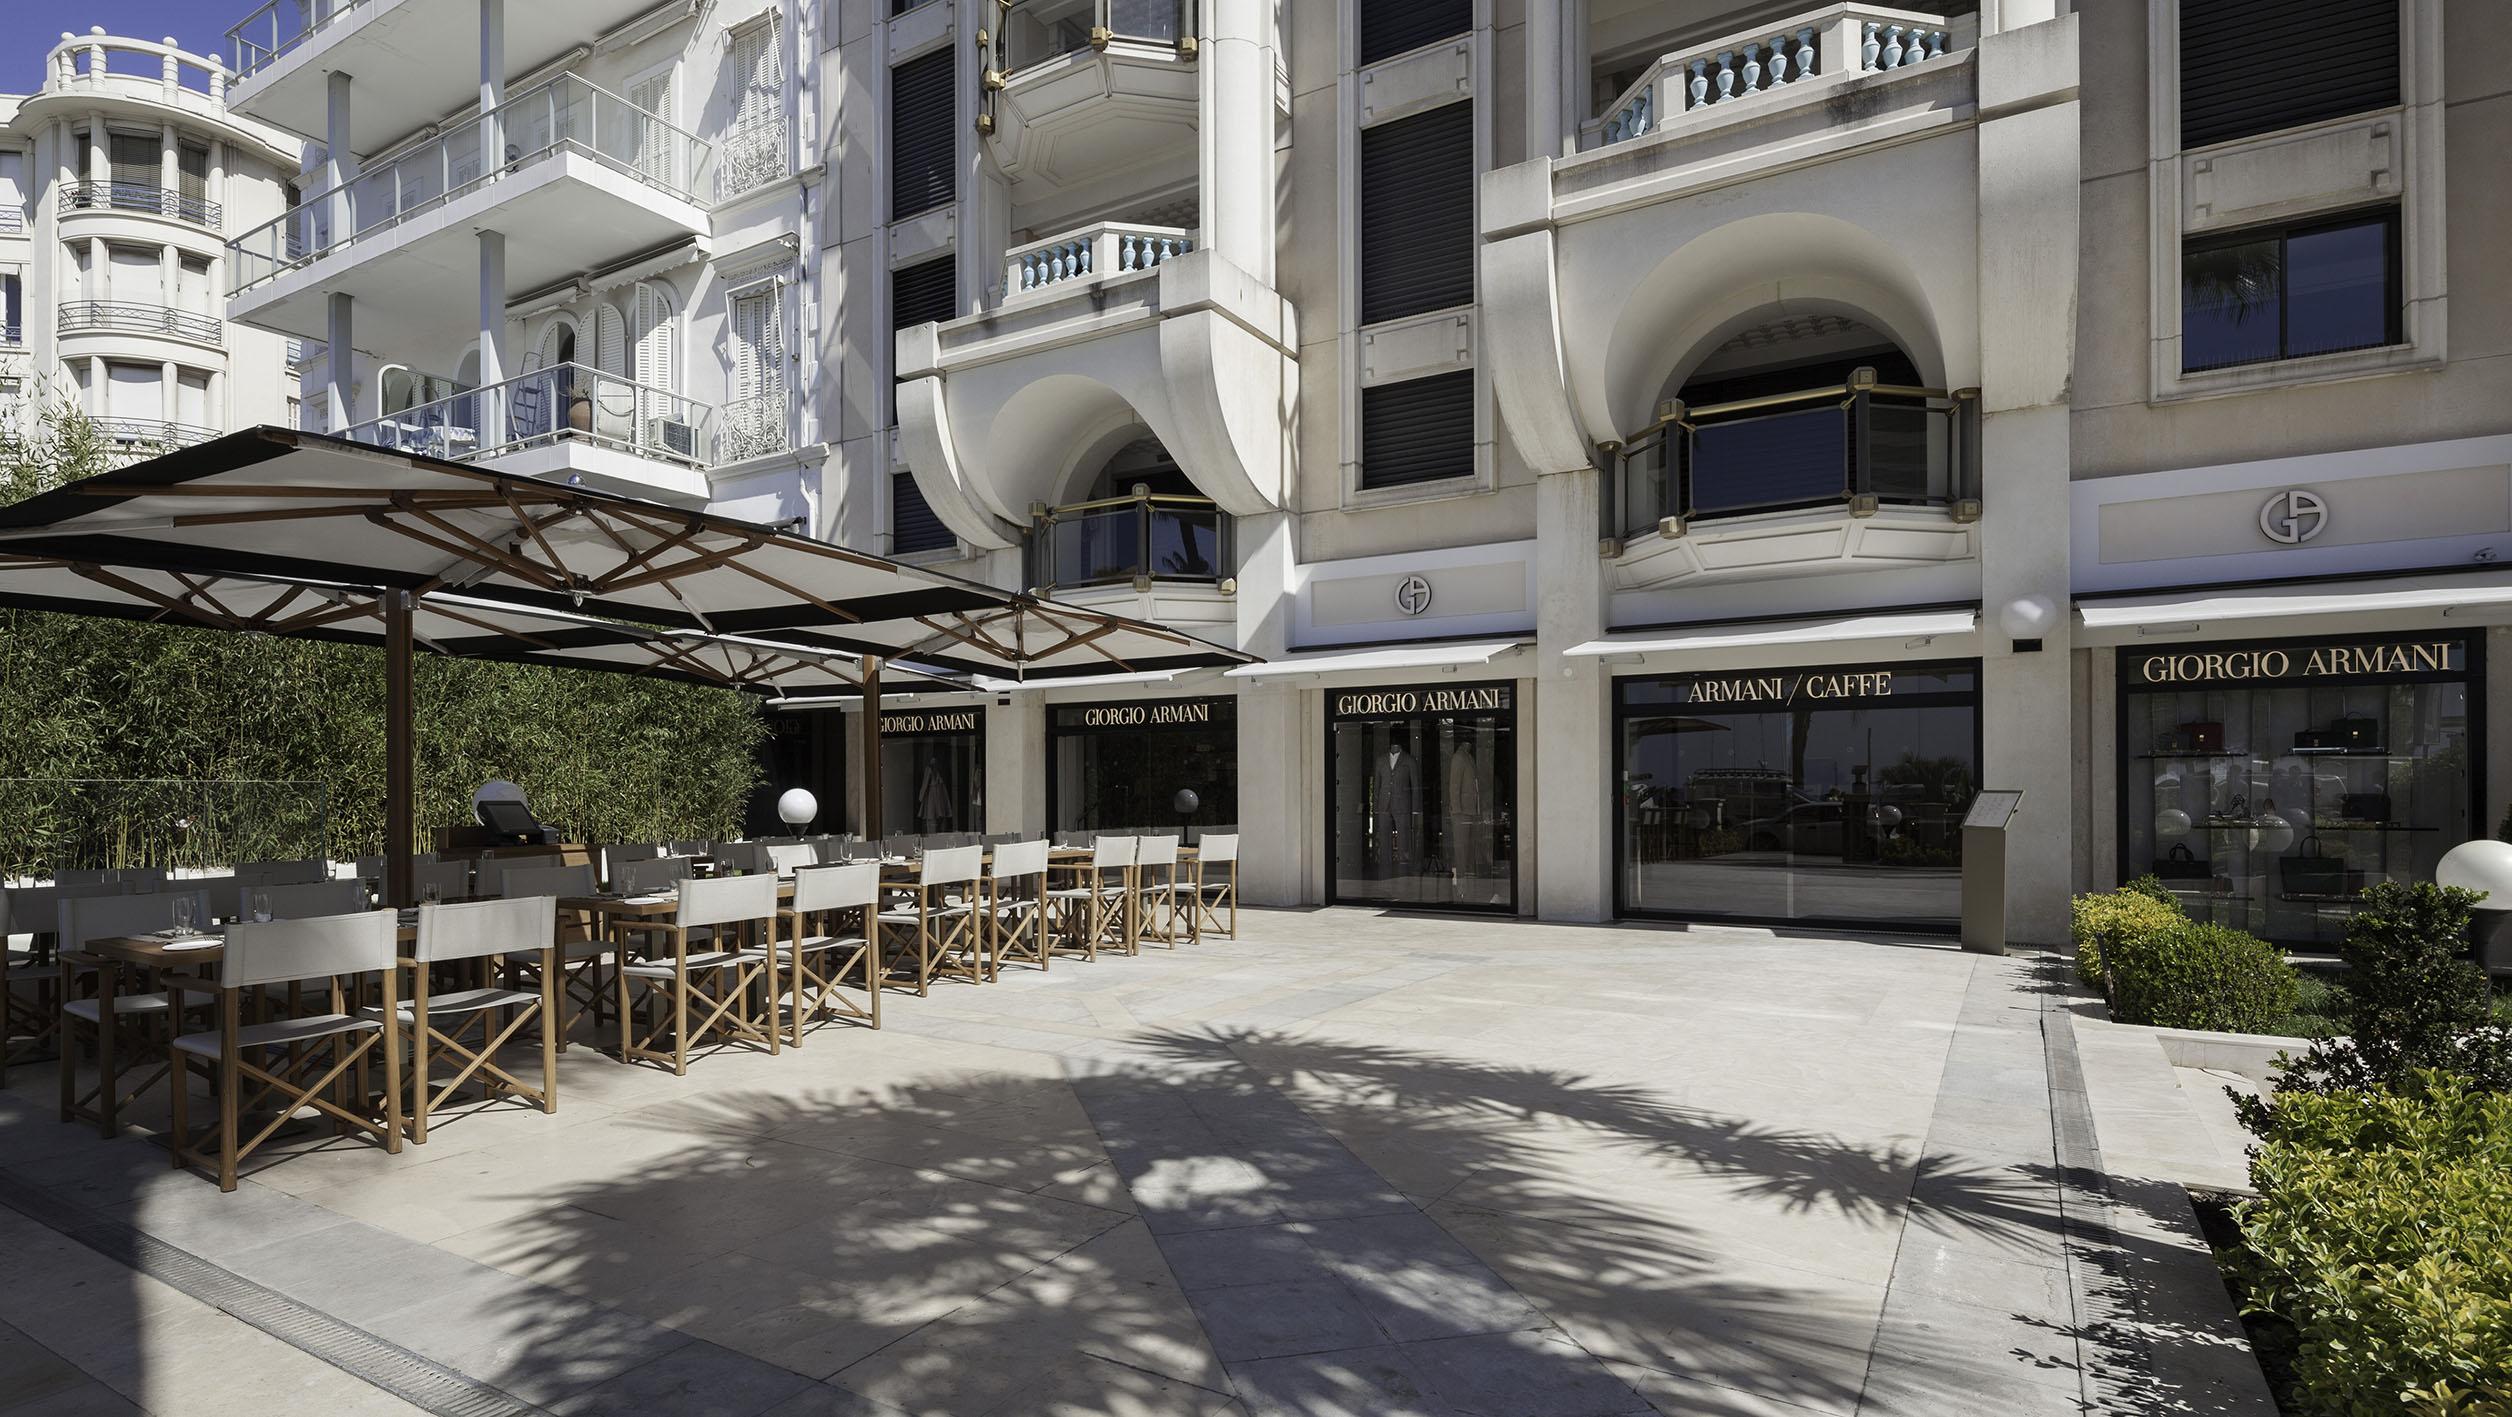 Giorgio Armani Opens a New Boutique & Armani Café in Cannes